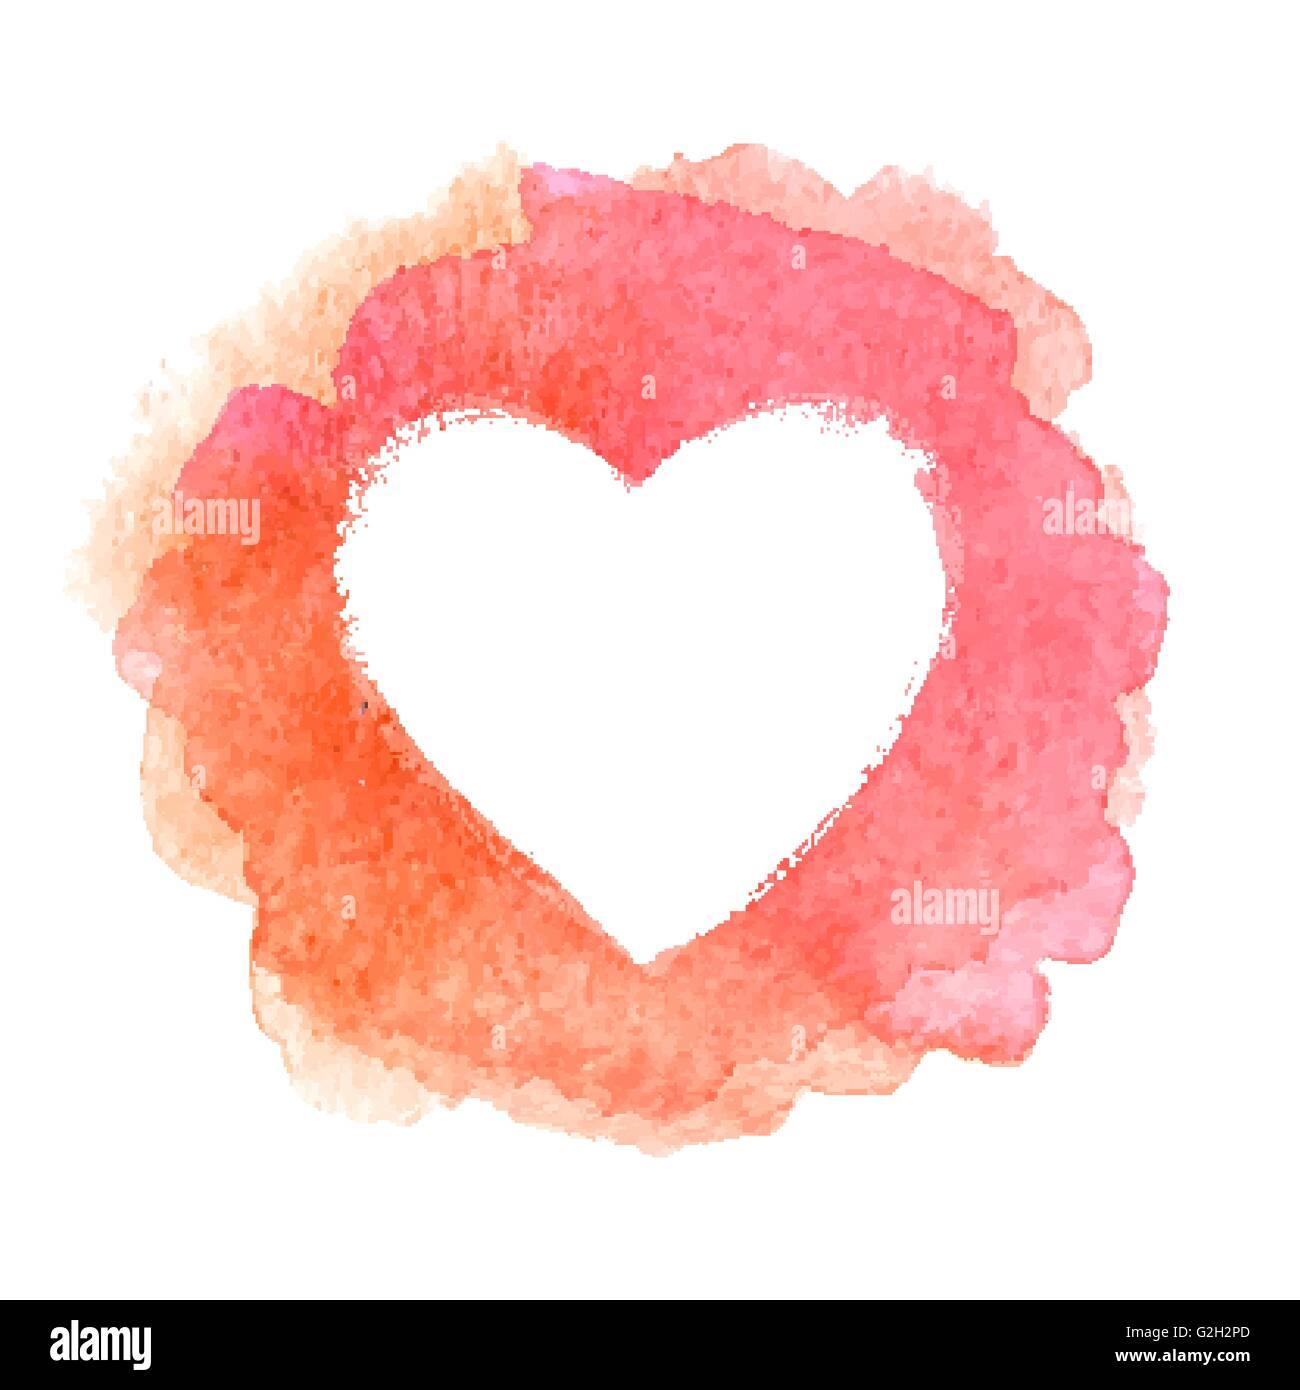 Rosa Aquarell gemalten Herzen Formrahmen Vektor Abbildung - Bild ...